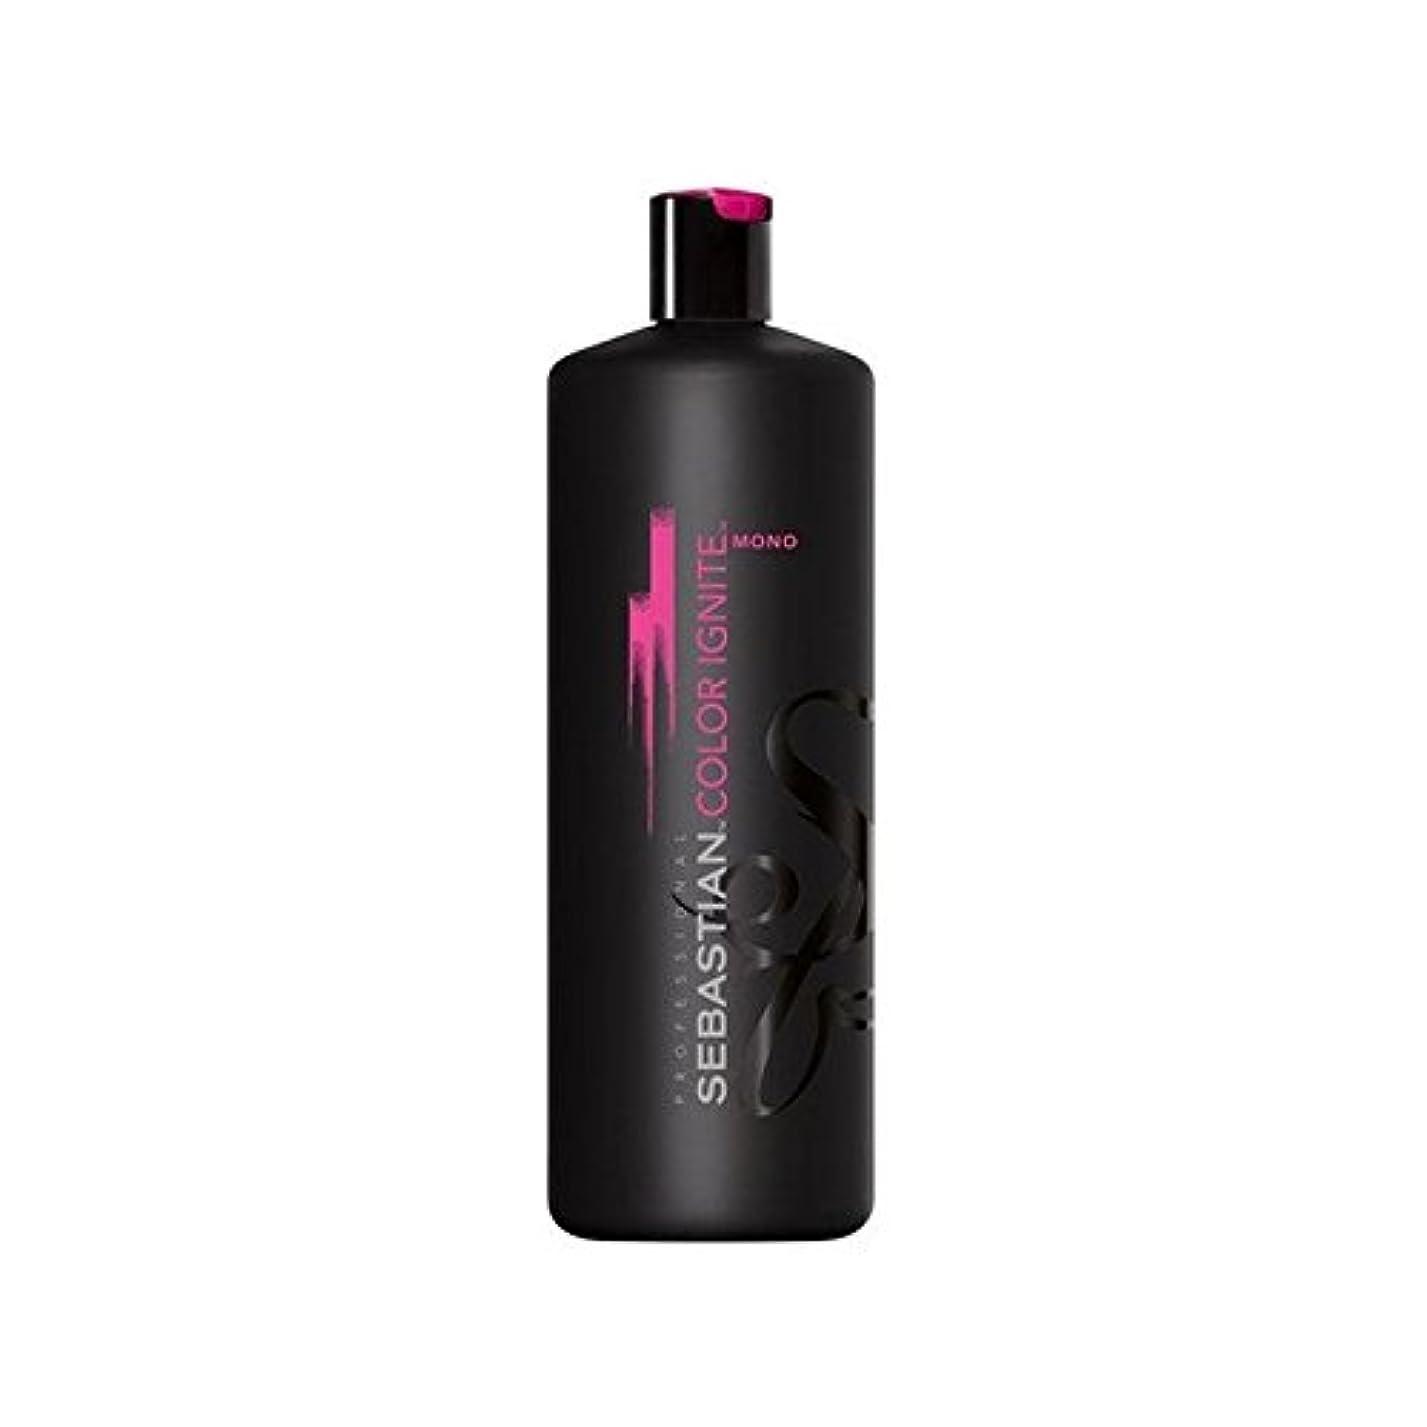 許す未知のたらいセバスチャンプロのカラーにモノシャンプー(千ミリリットル) x2 - Sebastian Professional Color Ignite Mono Shampoo (1000ml) (Pack of 2) [並行輸入品]